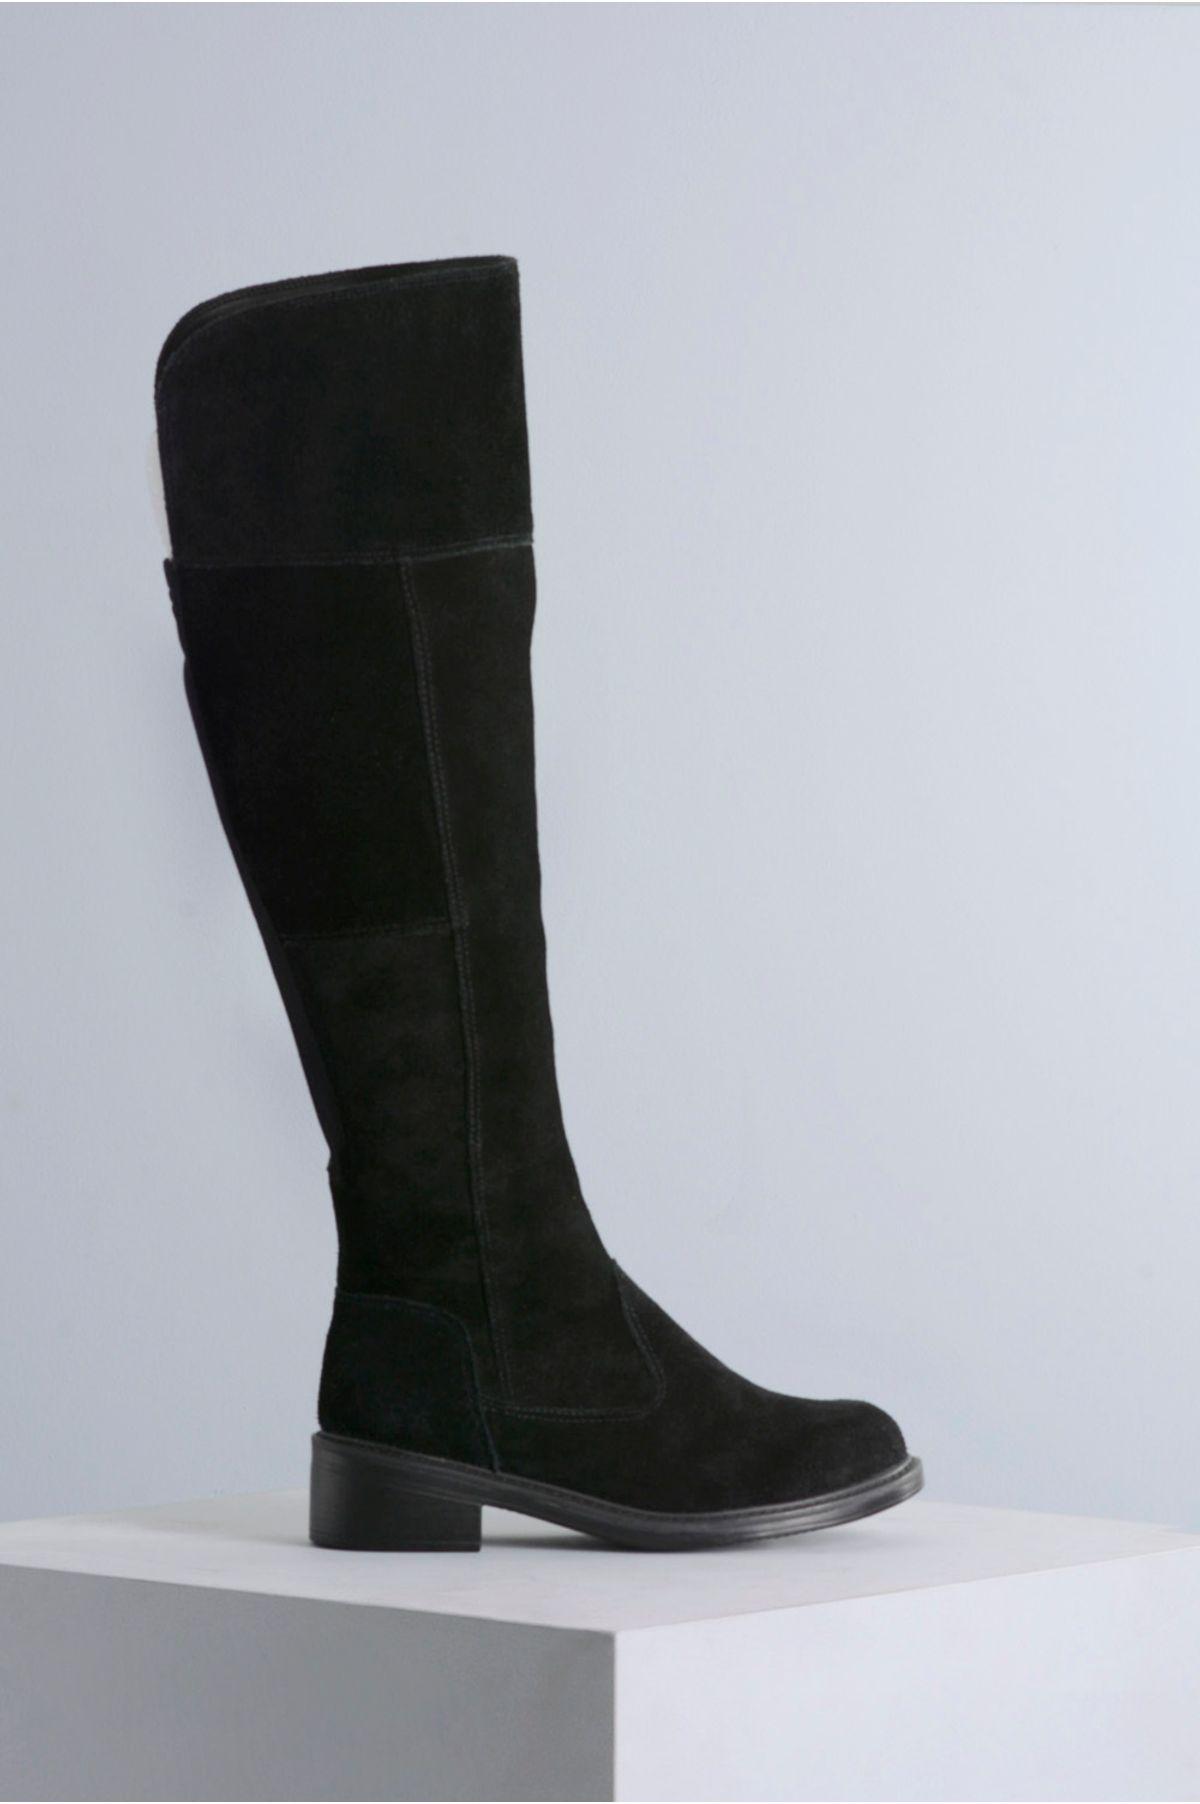 84ff89606 Bota Feminina Cano Longo Kailan Mundial CR-PRETO - Mundial Calçados